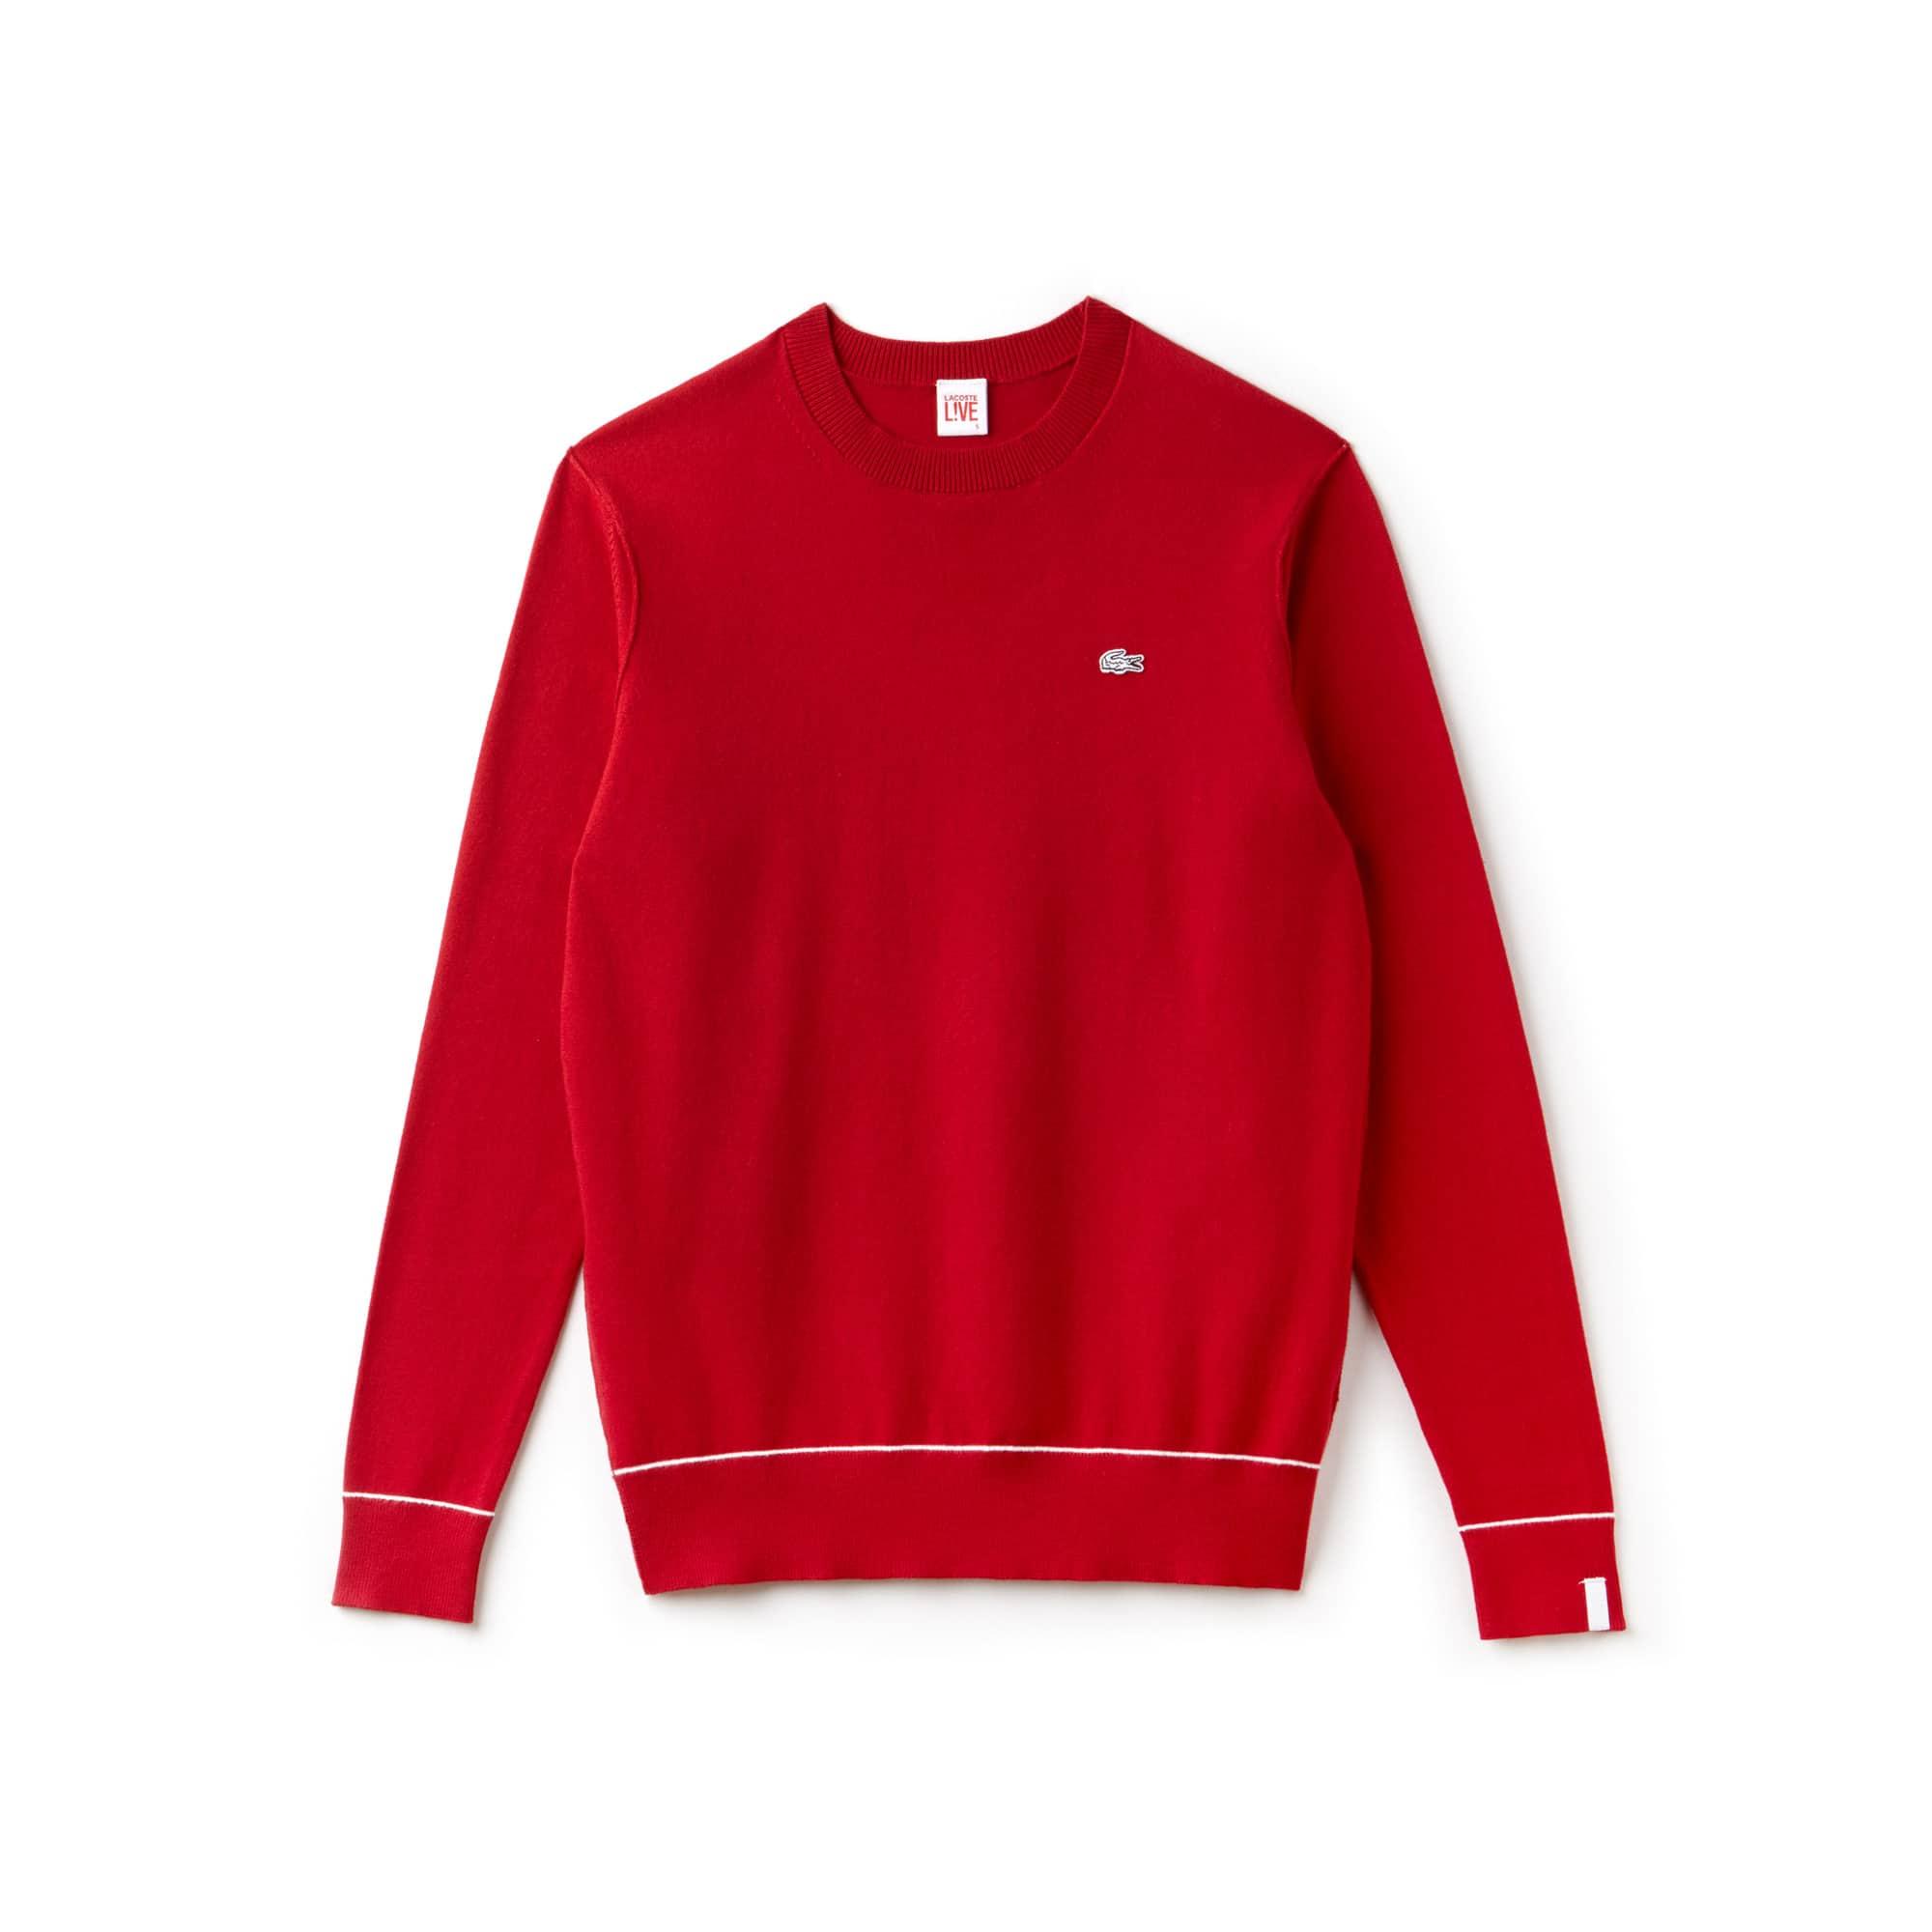 Jersey de cuello redondo Lacoste LIVE de punto jersey de algodón y seda liso